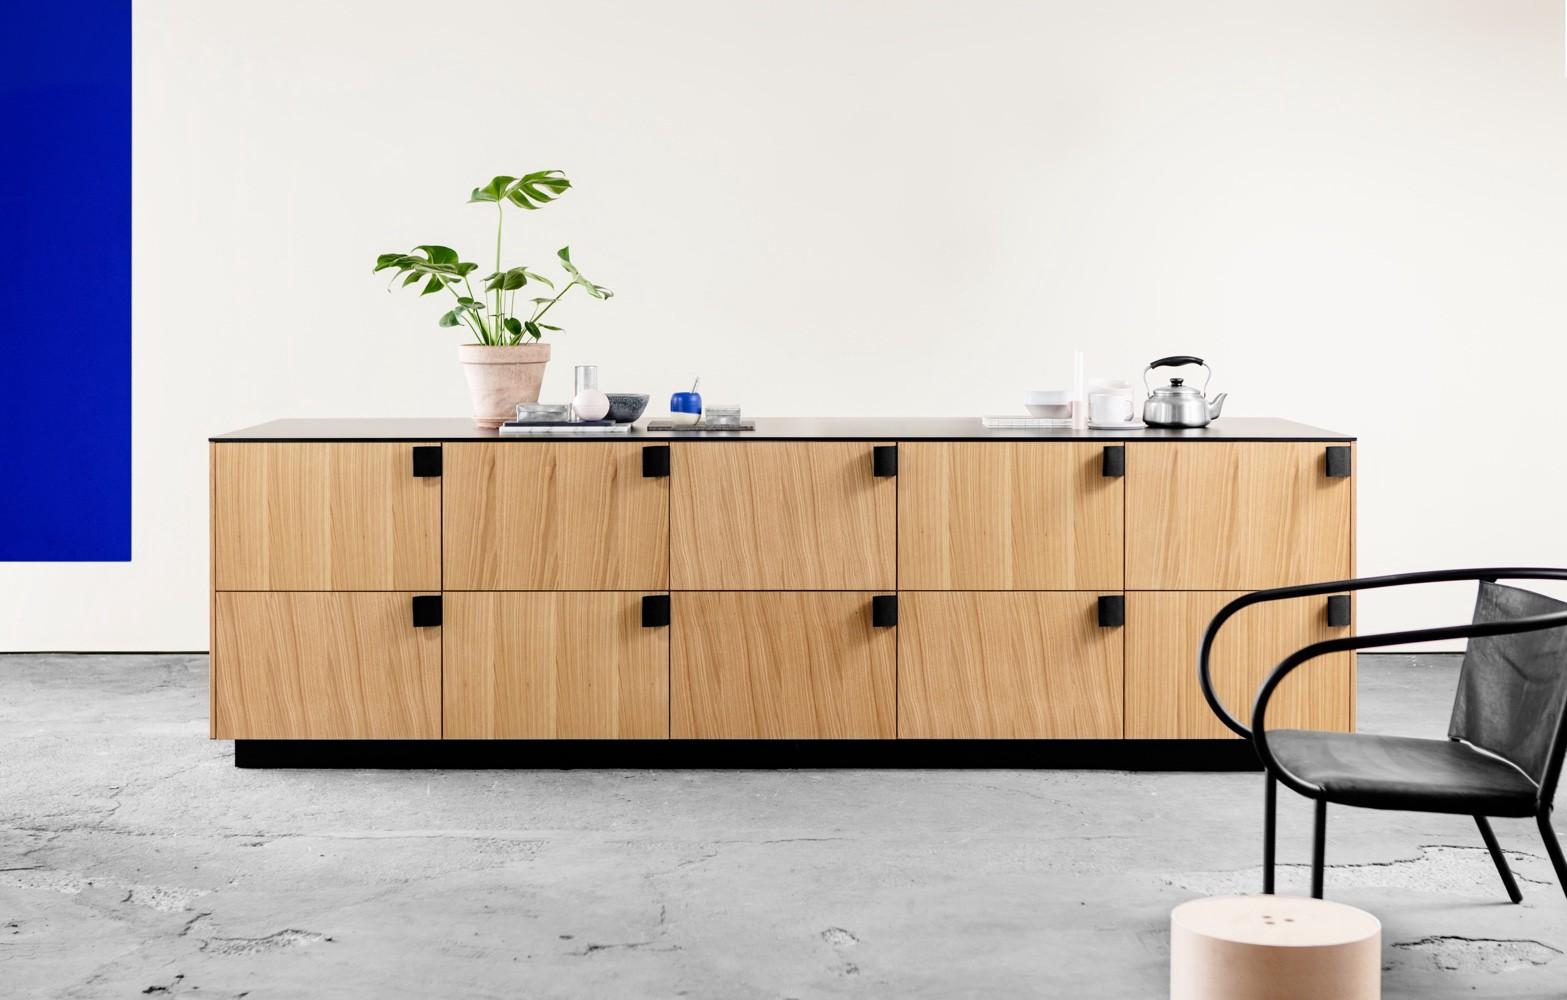 Full Size of Ikea Hacks Küche Kchen Gehackt 4 Unternehmungslustige Betriebe Kosten L Mit Kochinsel Beistelltisch Einbauküche Weiss Hochglanz Elektrogeräten Salamander Wohnzimmer Ikea Hacks Küche